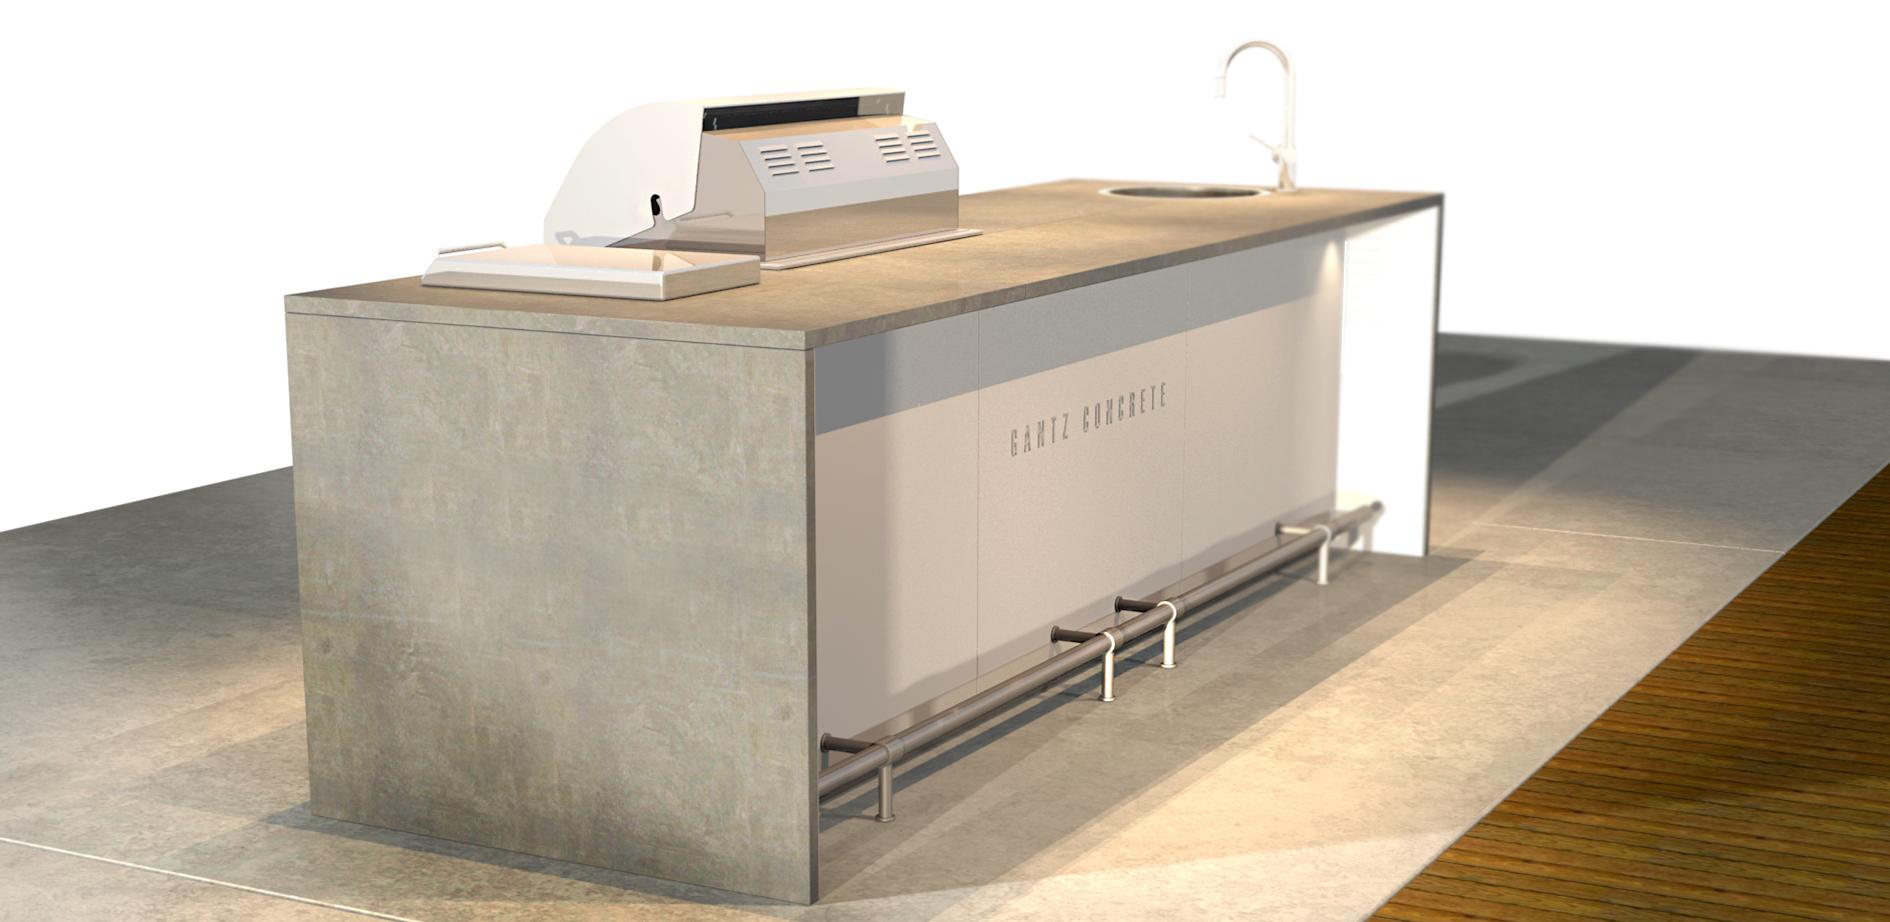 גנץ מטבח חיצוני דגםניאו 4004